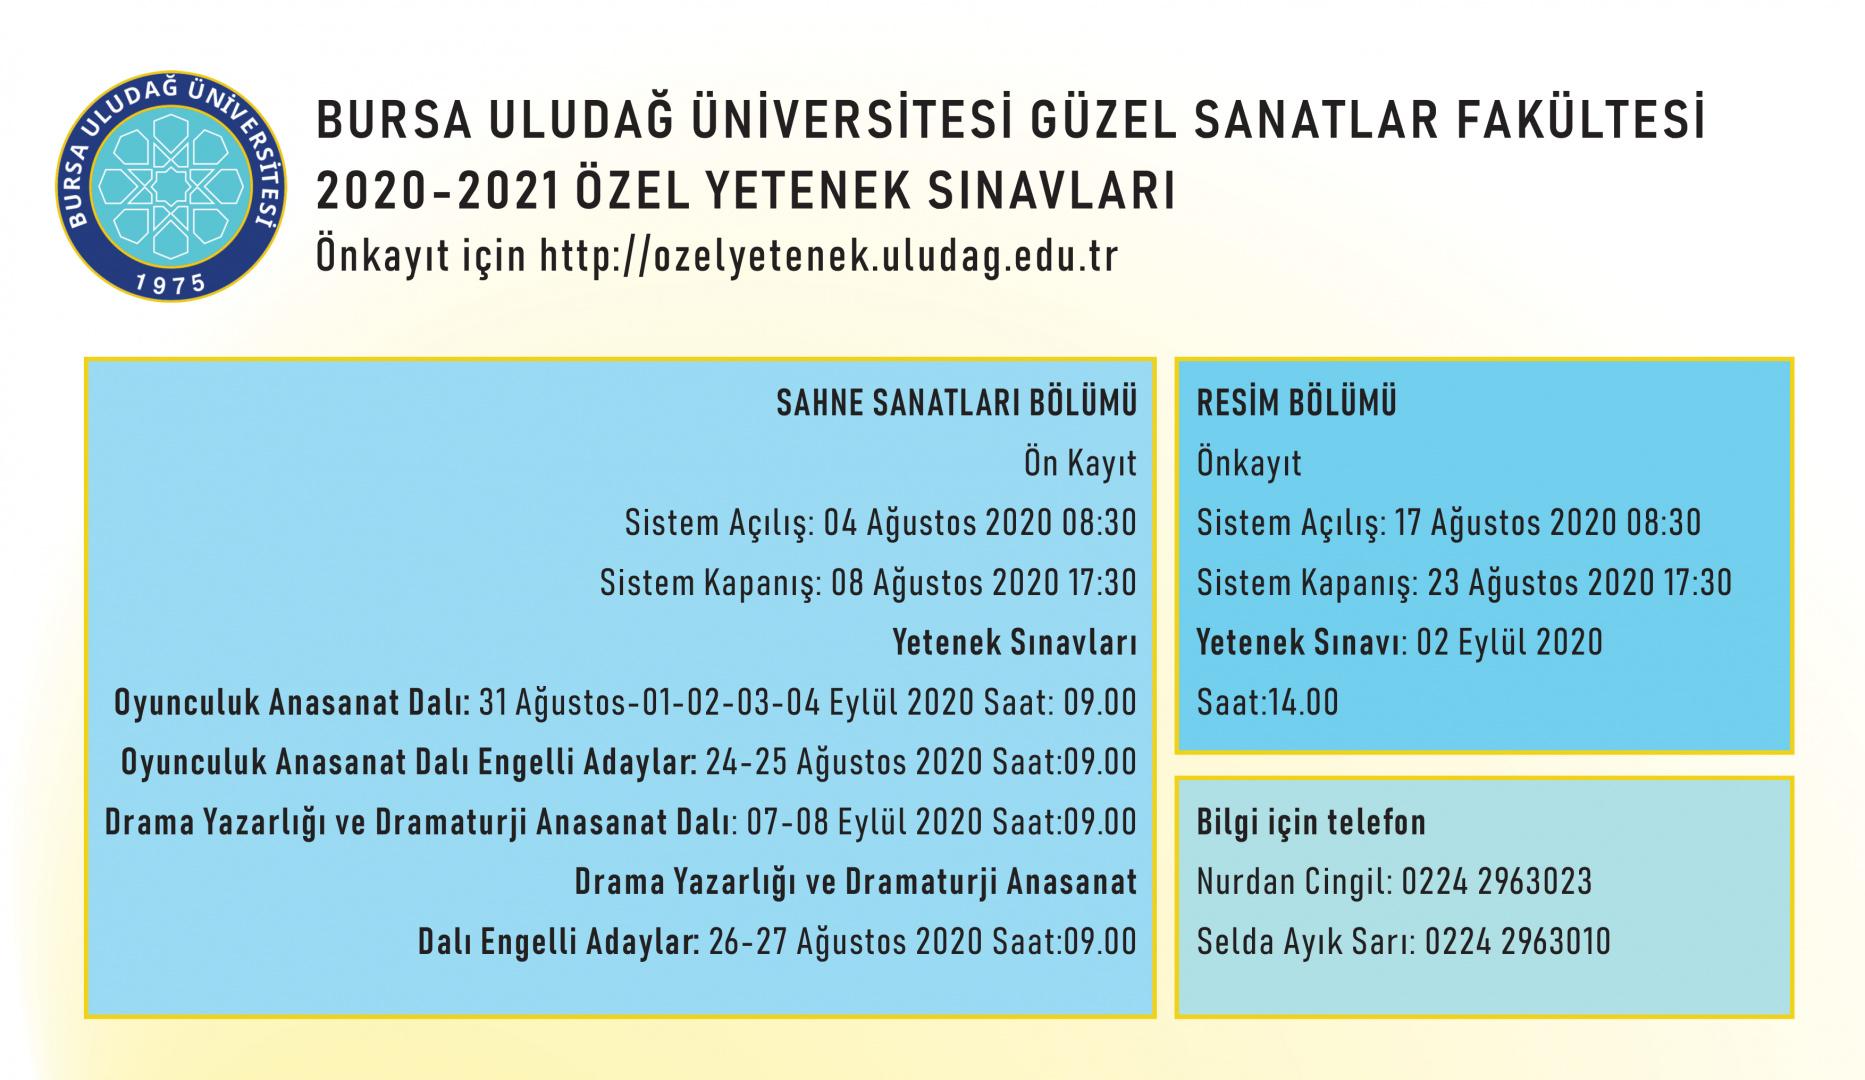 2020 - 2021 Özel Yetenek Sınavları